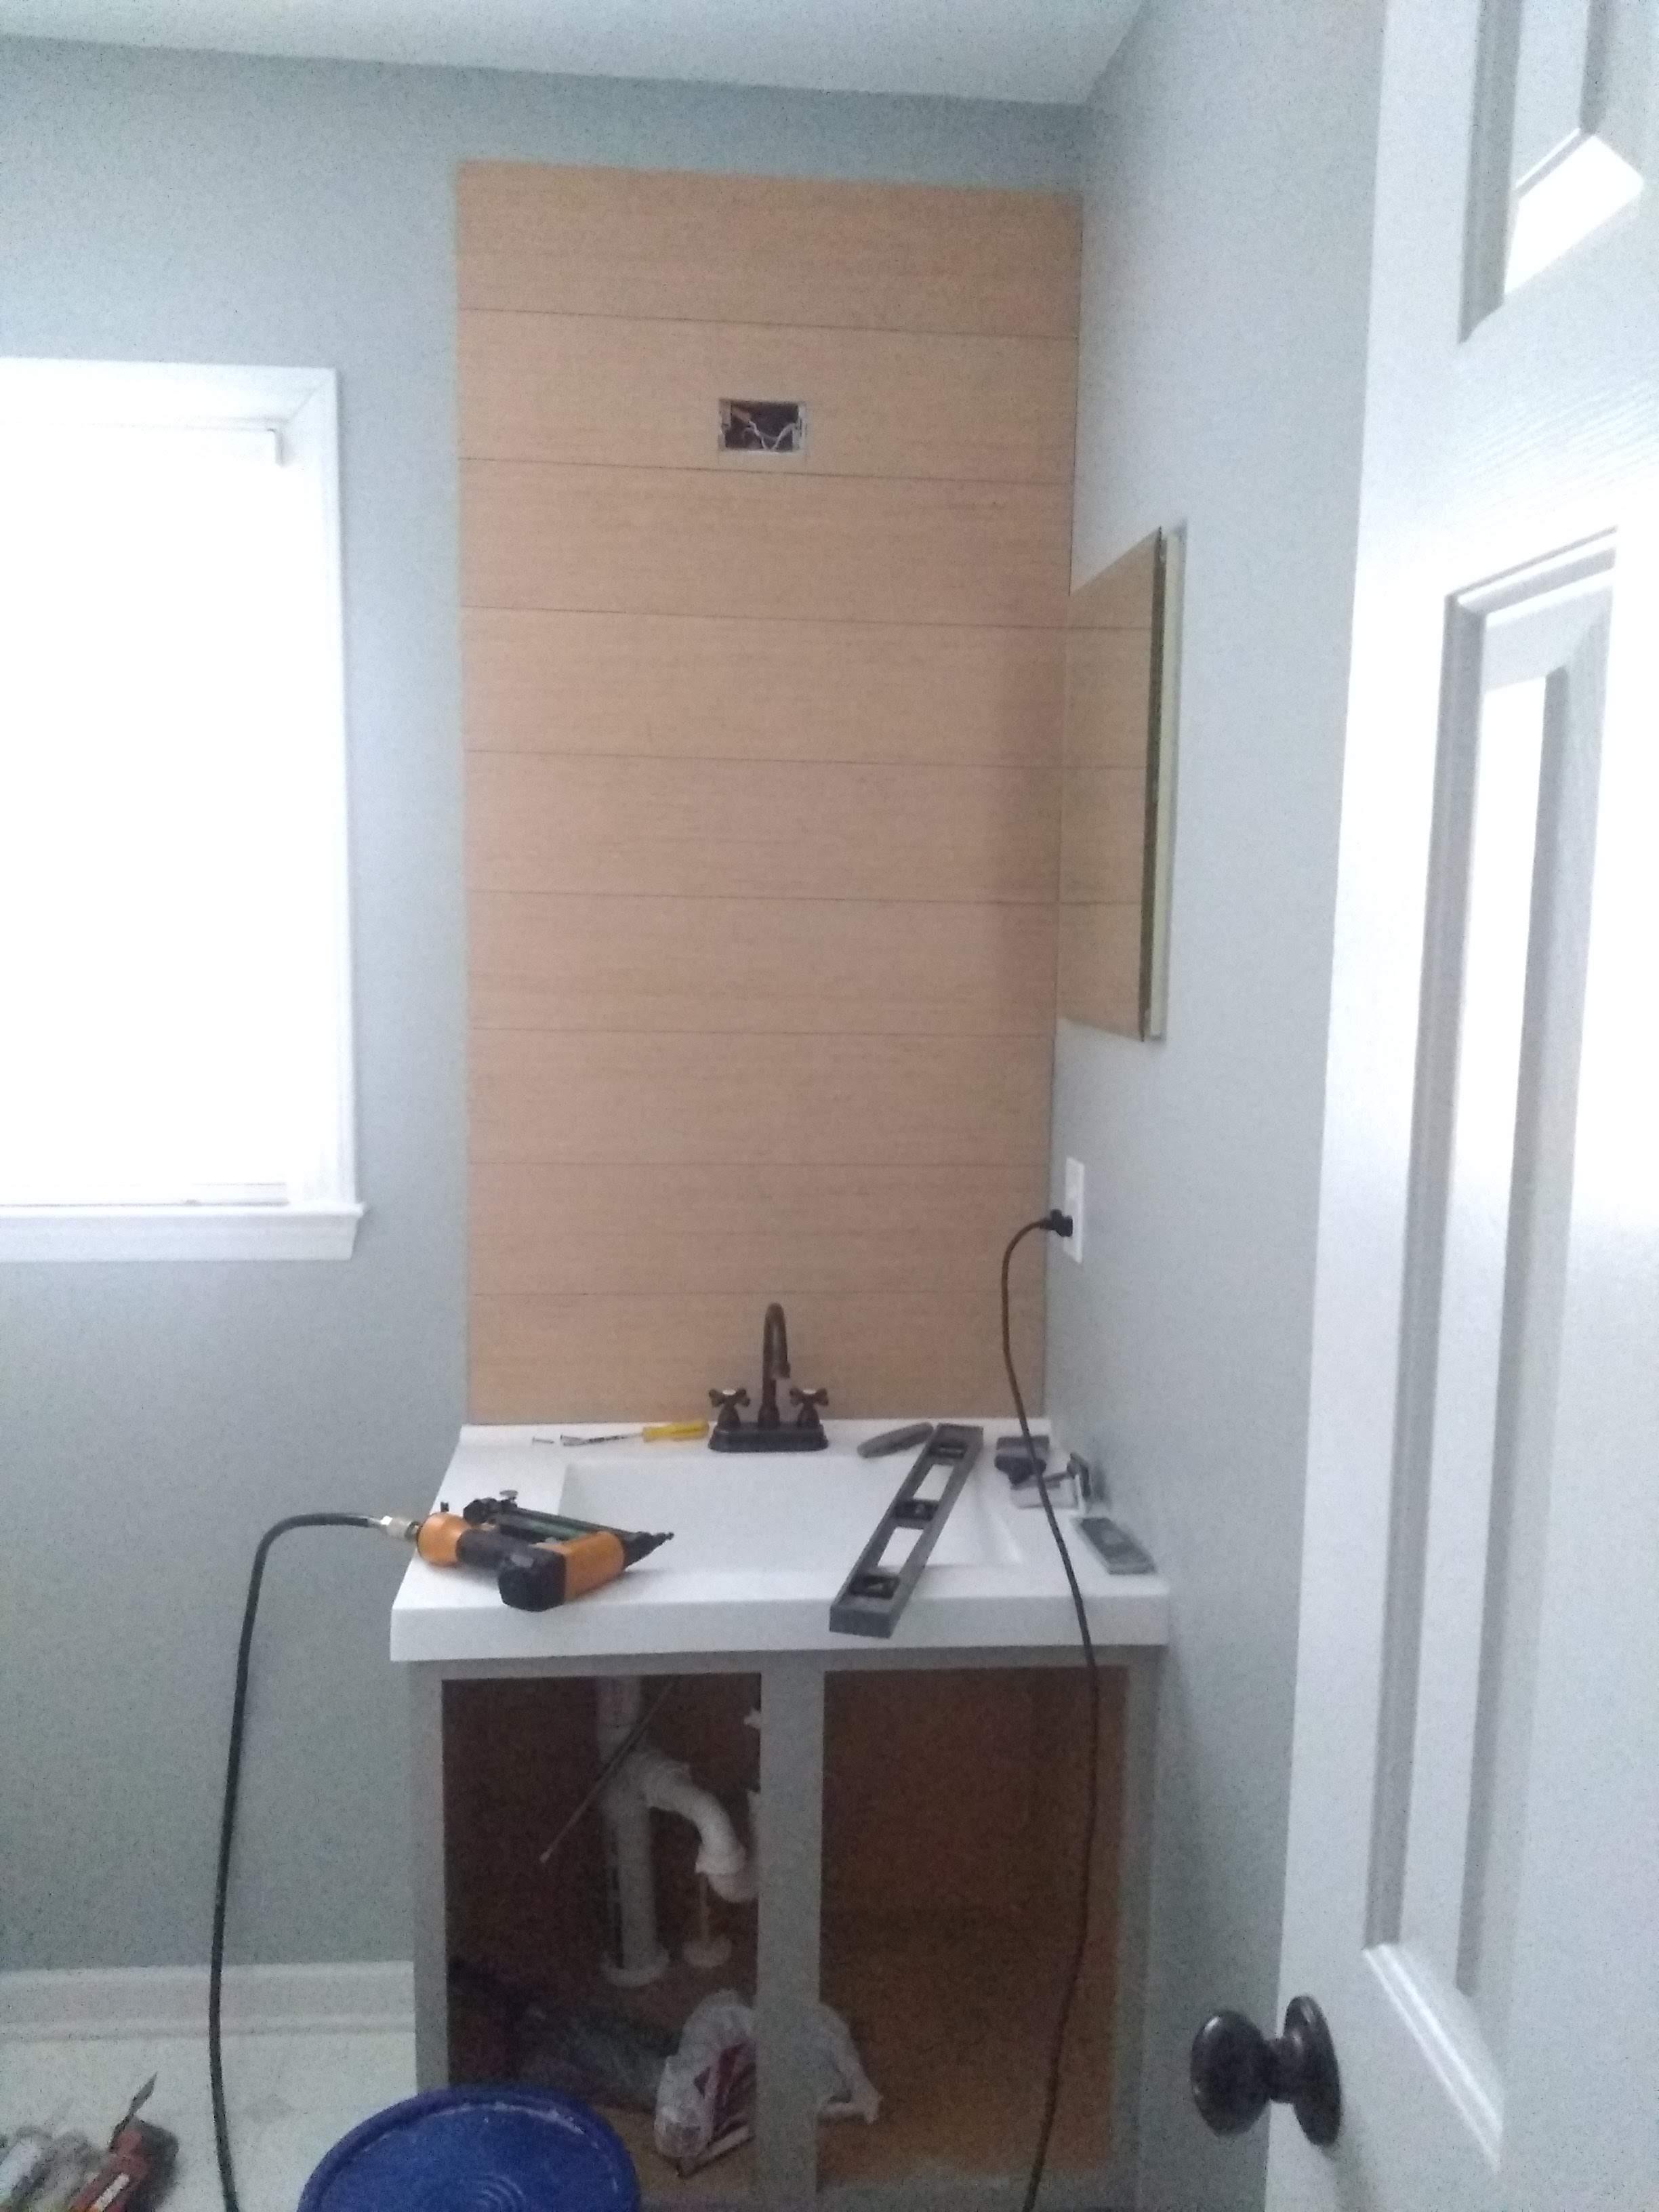 Elizabeth Burns Design | One Room Challenge Guest Bathroom on a Budget - Installing Shiplap 2